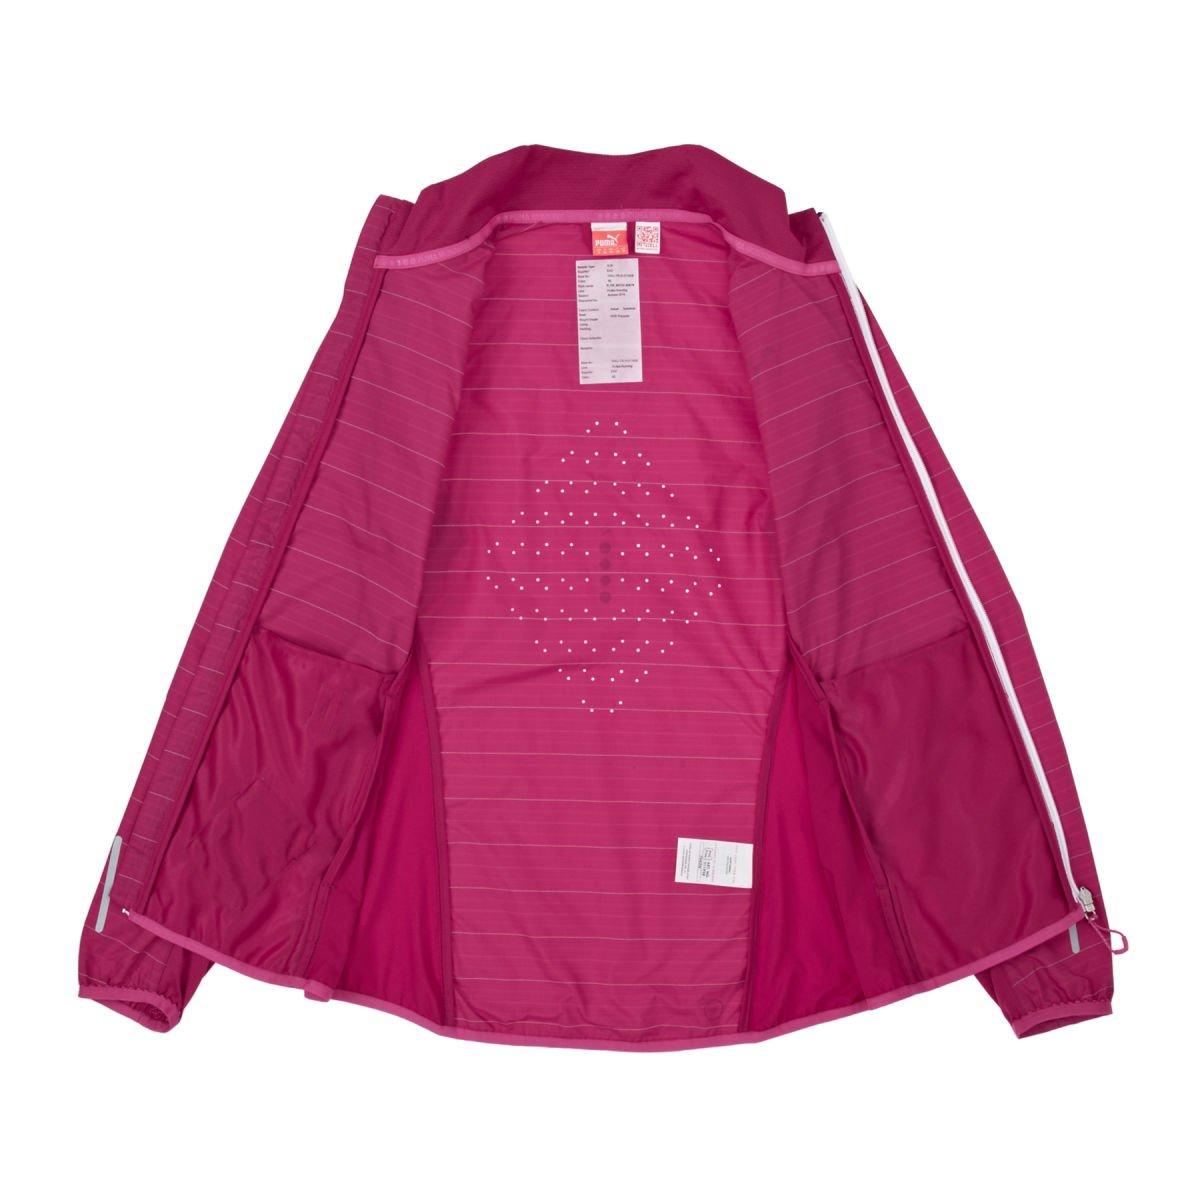 5eed9c77d531 Pure Nightcat Woven Jacket - Womens - Cerise  Amazon.co.uk  Clothing